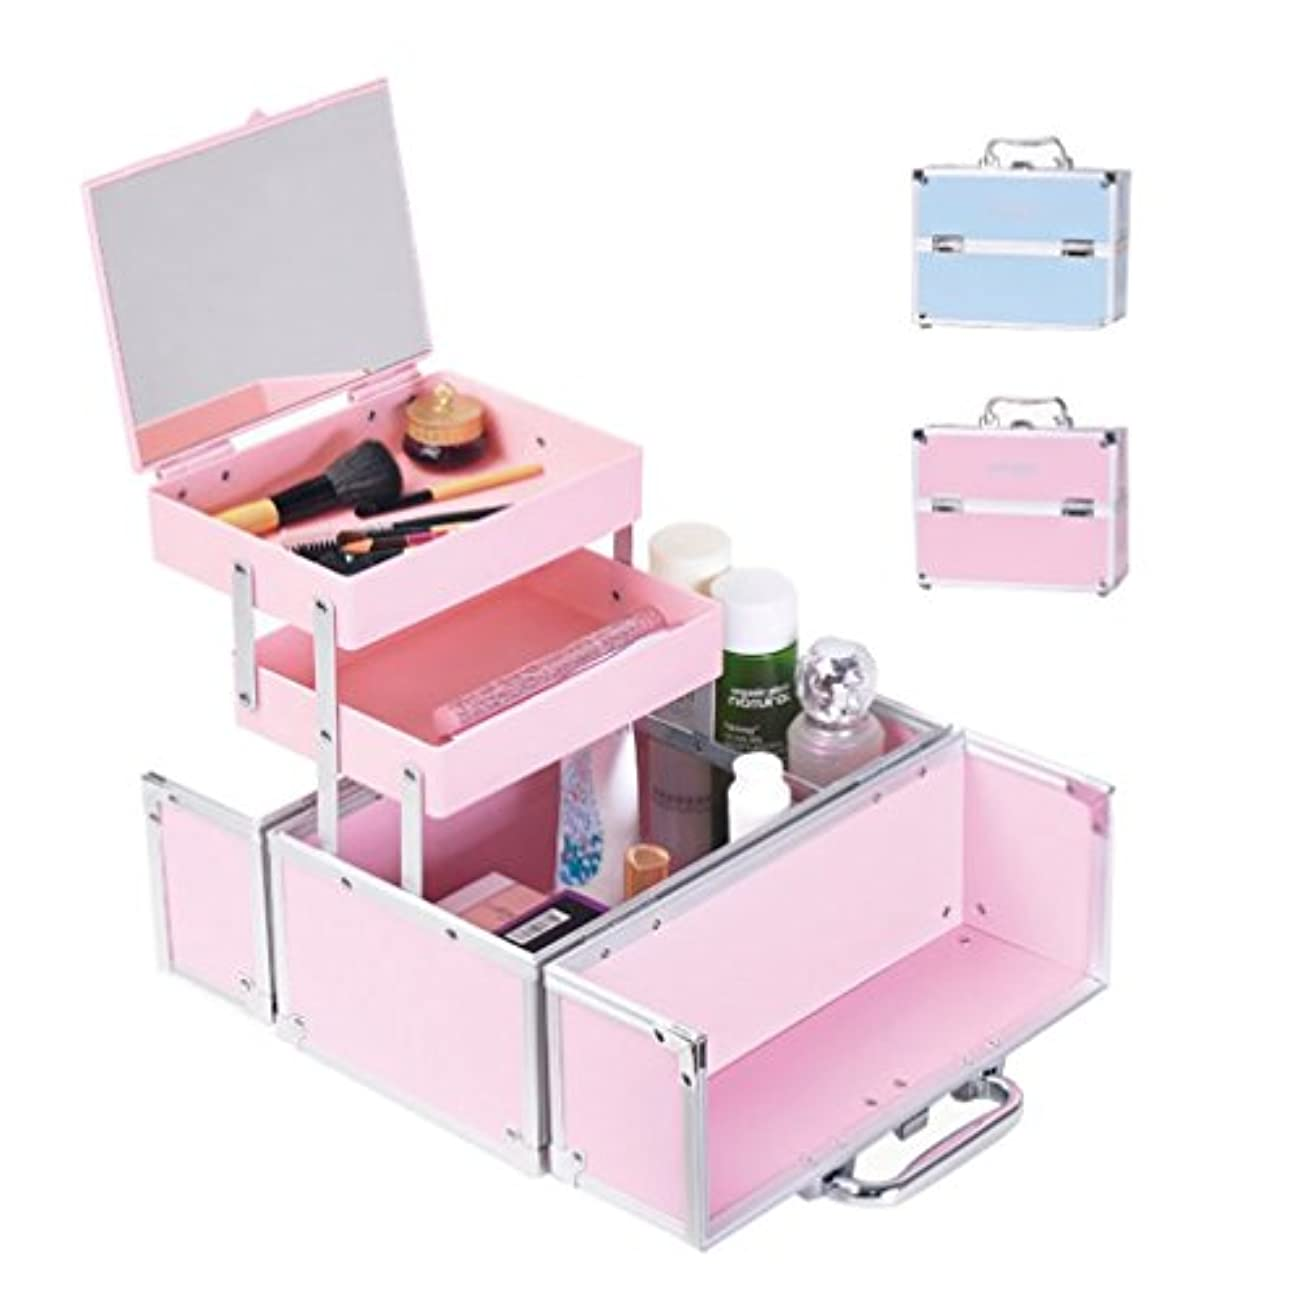 相対性理論タイムリーな平方「XINXIKEJI」メイクボックス コスメボックス 大容量 2段 鏡付き 洗える 化粧ボックス スプロも納得 収納力抜群 鍵付き かわいい 祝日プレゼント  取っ手付 コスメBOX ピンク